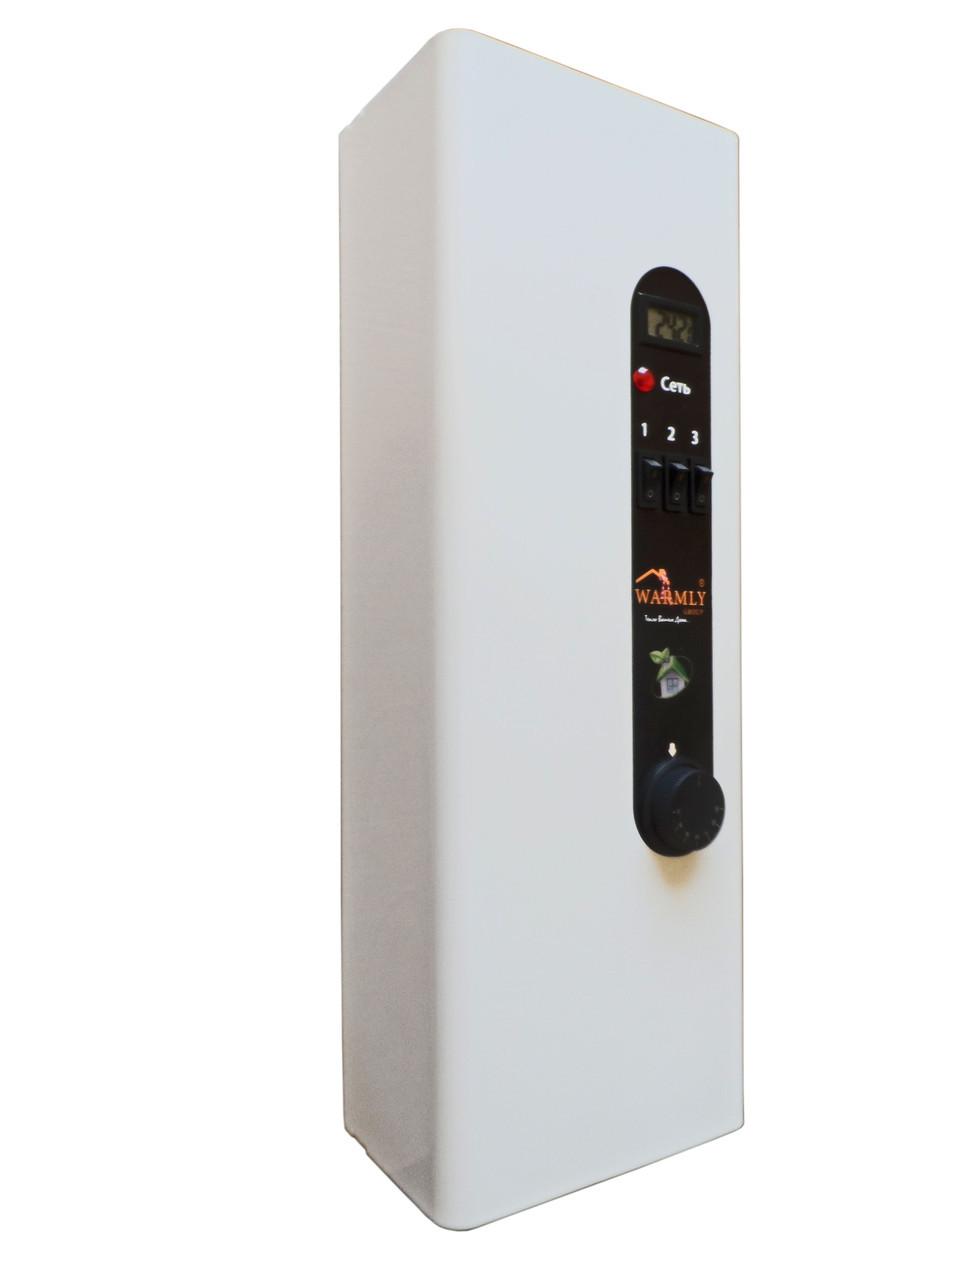 Электрокотел Warmly Classik Series 4,5 кВт 220в/380в. Модульный контактор (т.х)